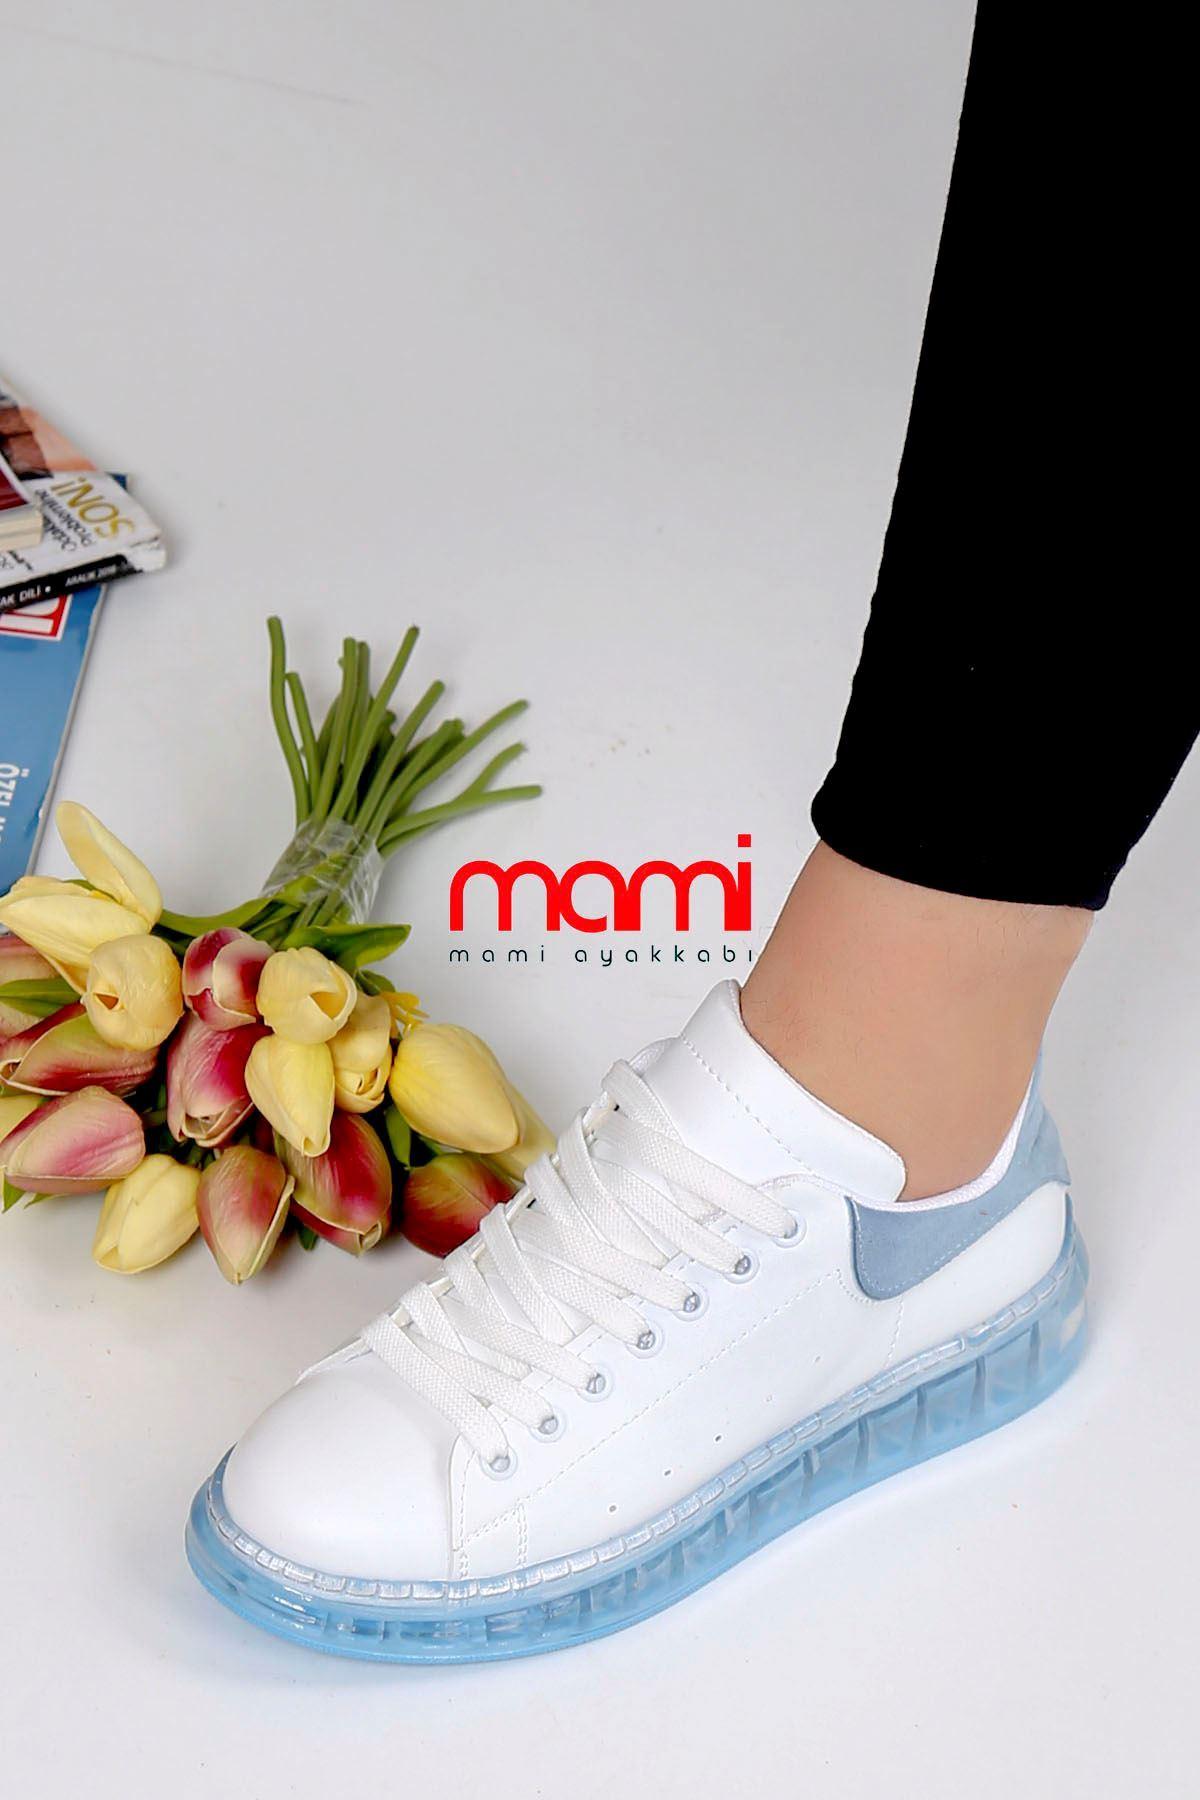 Örn-002 Spor Ayakkabı Beyaz Mavi Jel Taban